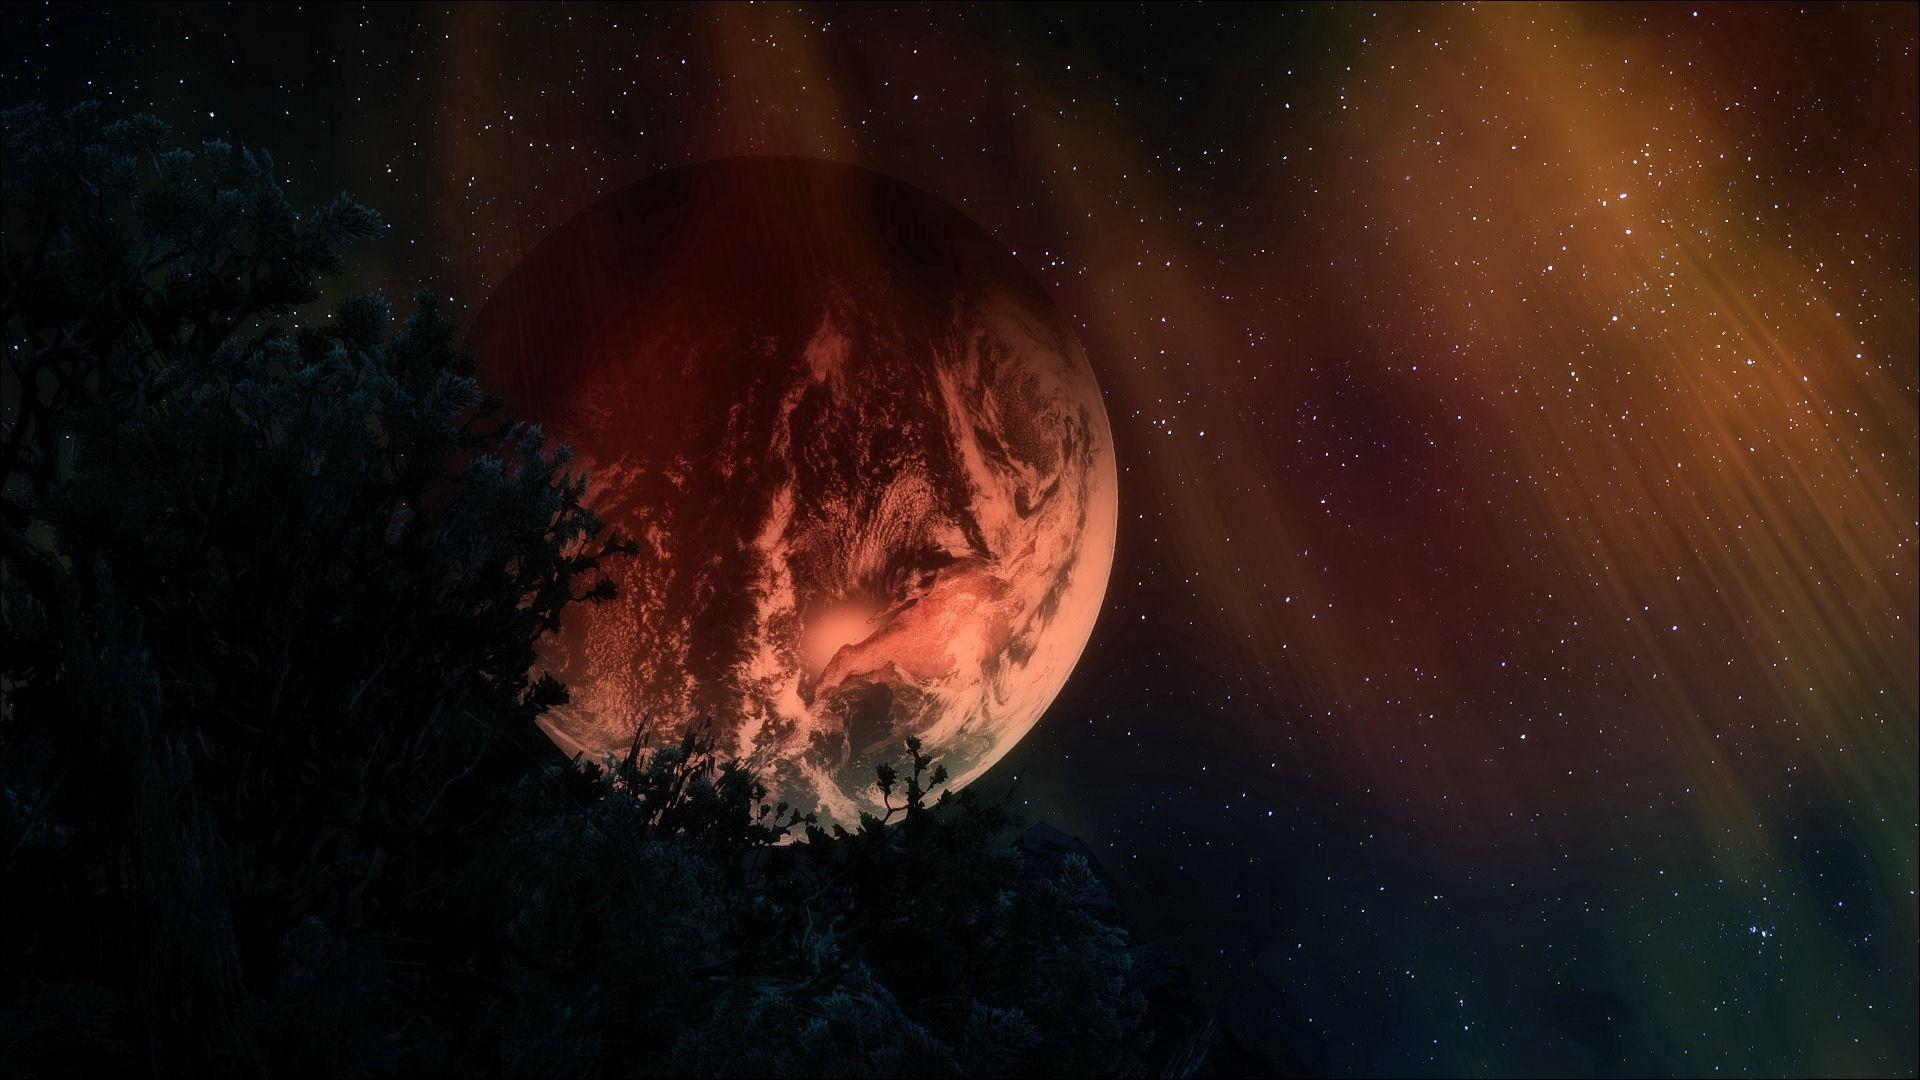 140188 Заставки и Обои 3D на телефон. Скачать 3D, Космос, Небо, Арт, Звезды, Ночь, Темный, Планета картинки бесплатно